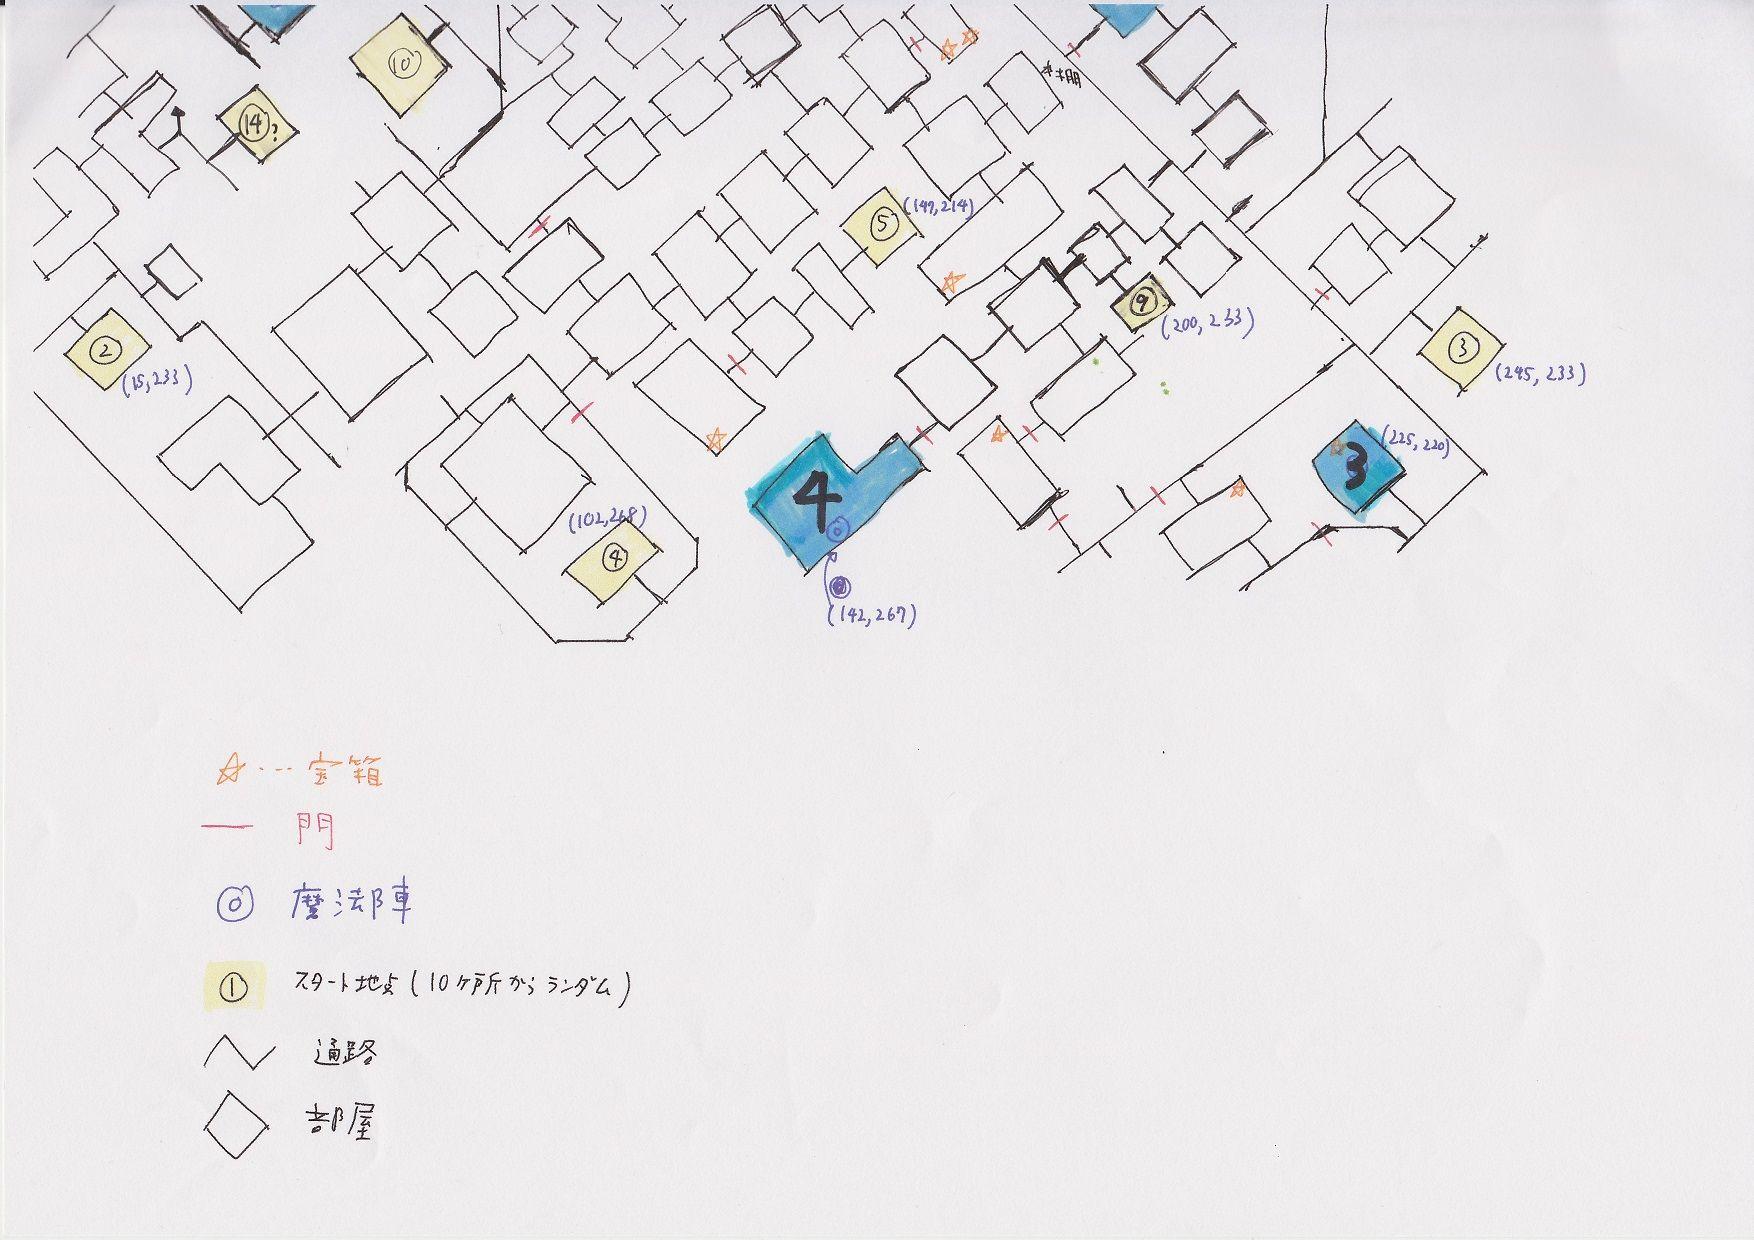 マップ 暗闇 の 迷宮